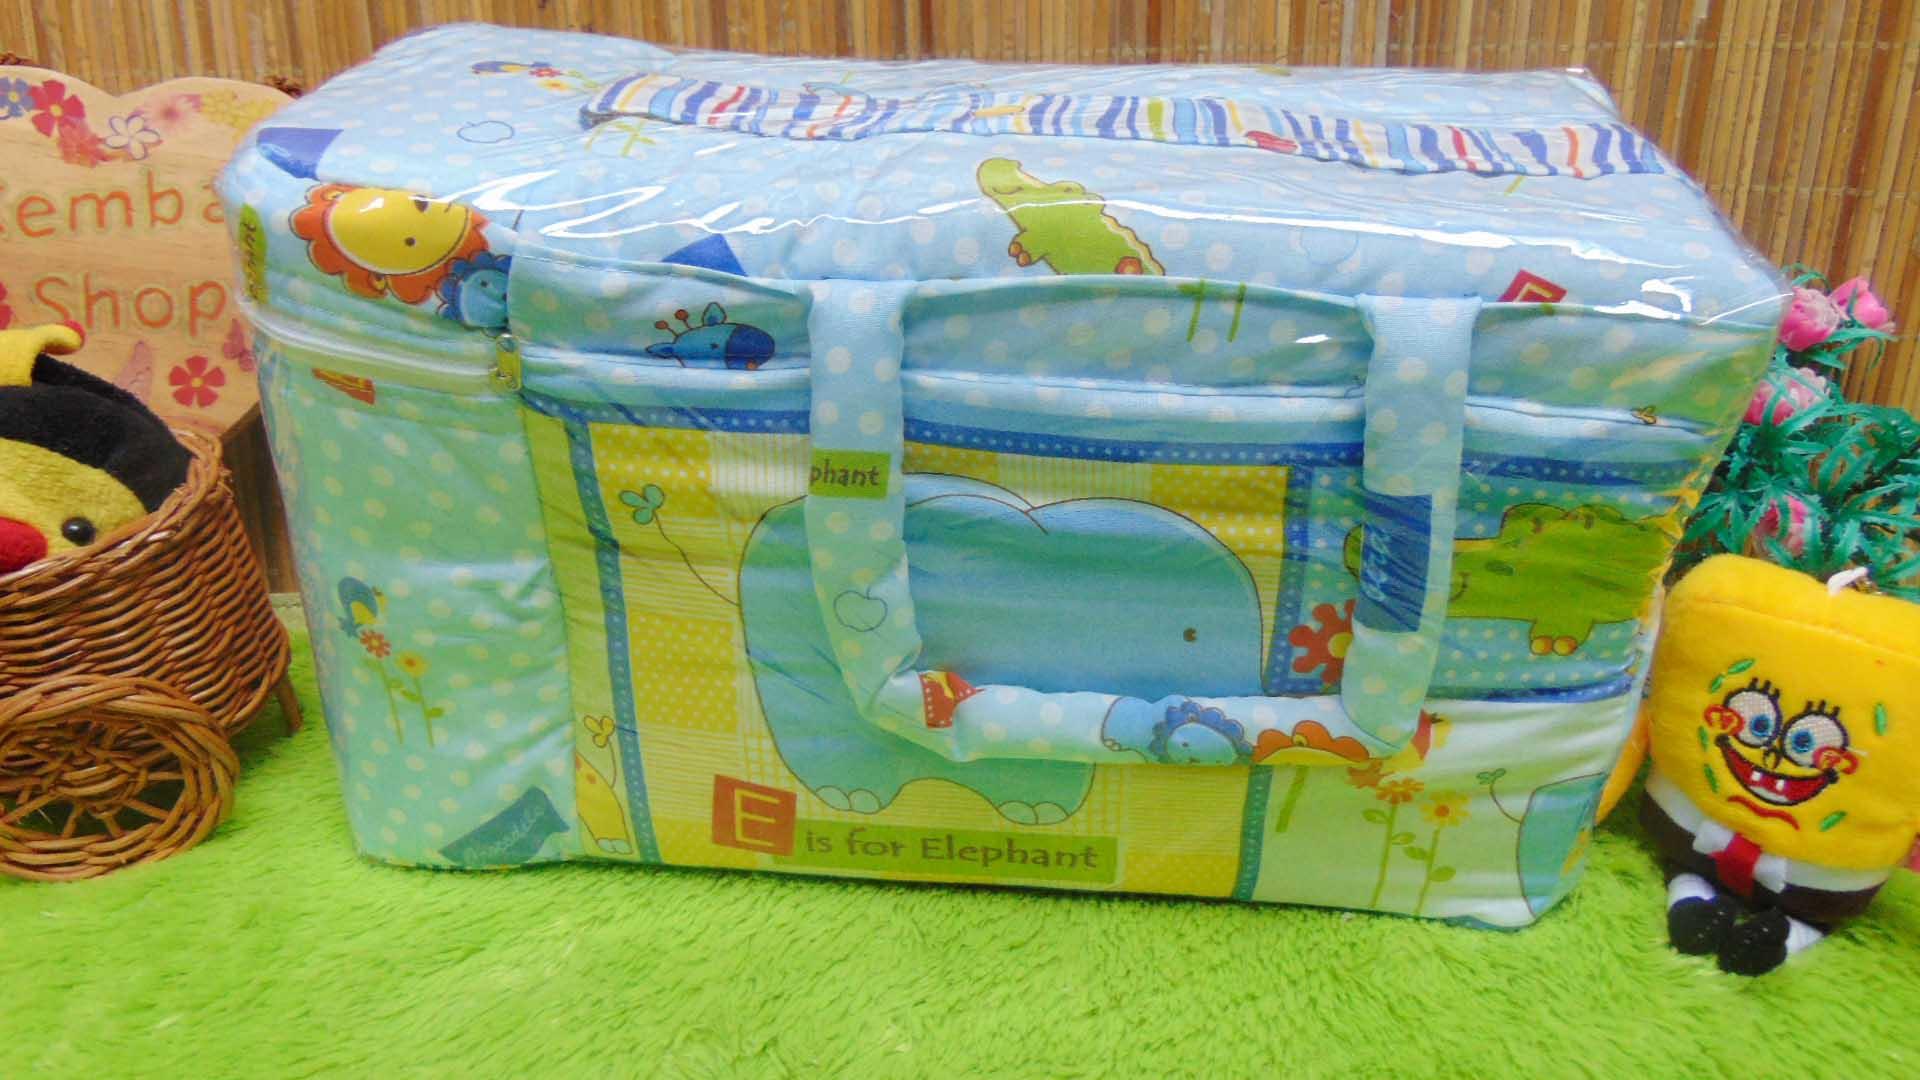 kado bayi tas perlengkapan bayi motif polka animal aneka warna dengan tempat botol susu tahan panas dingin (3)